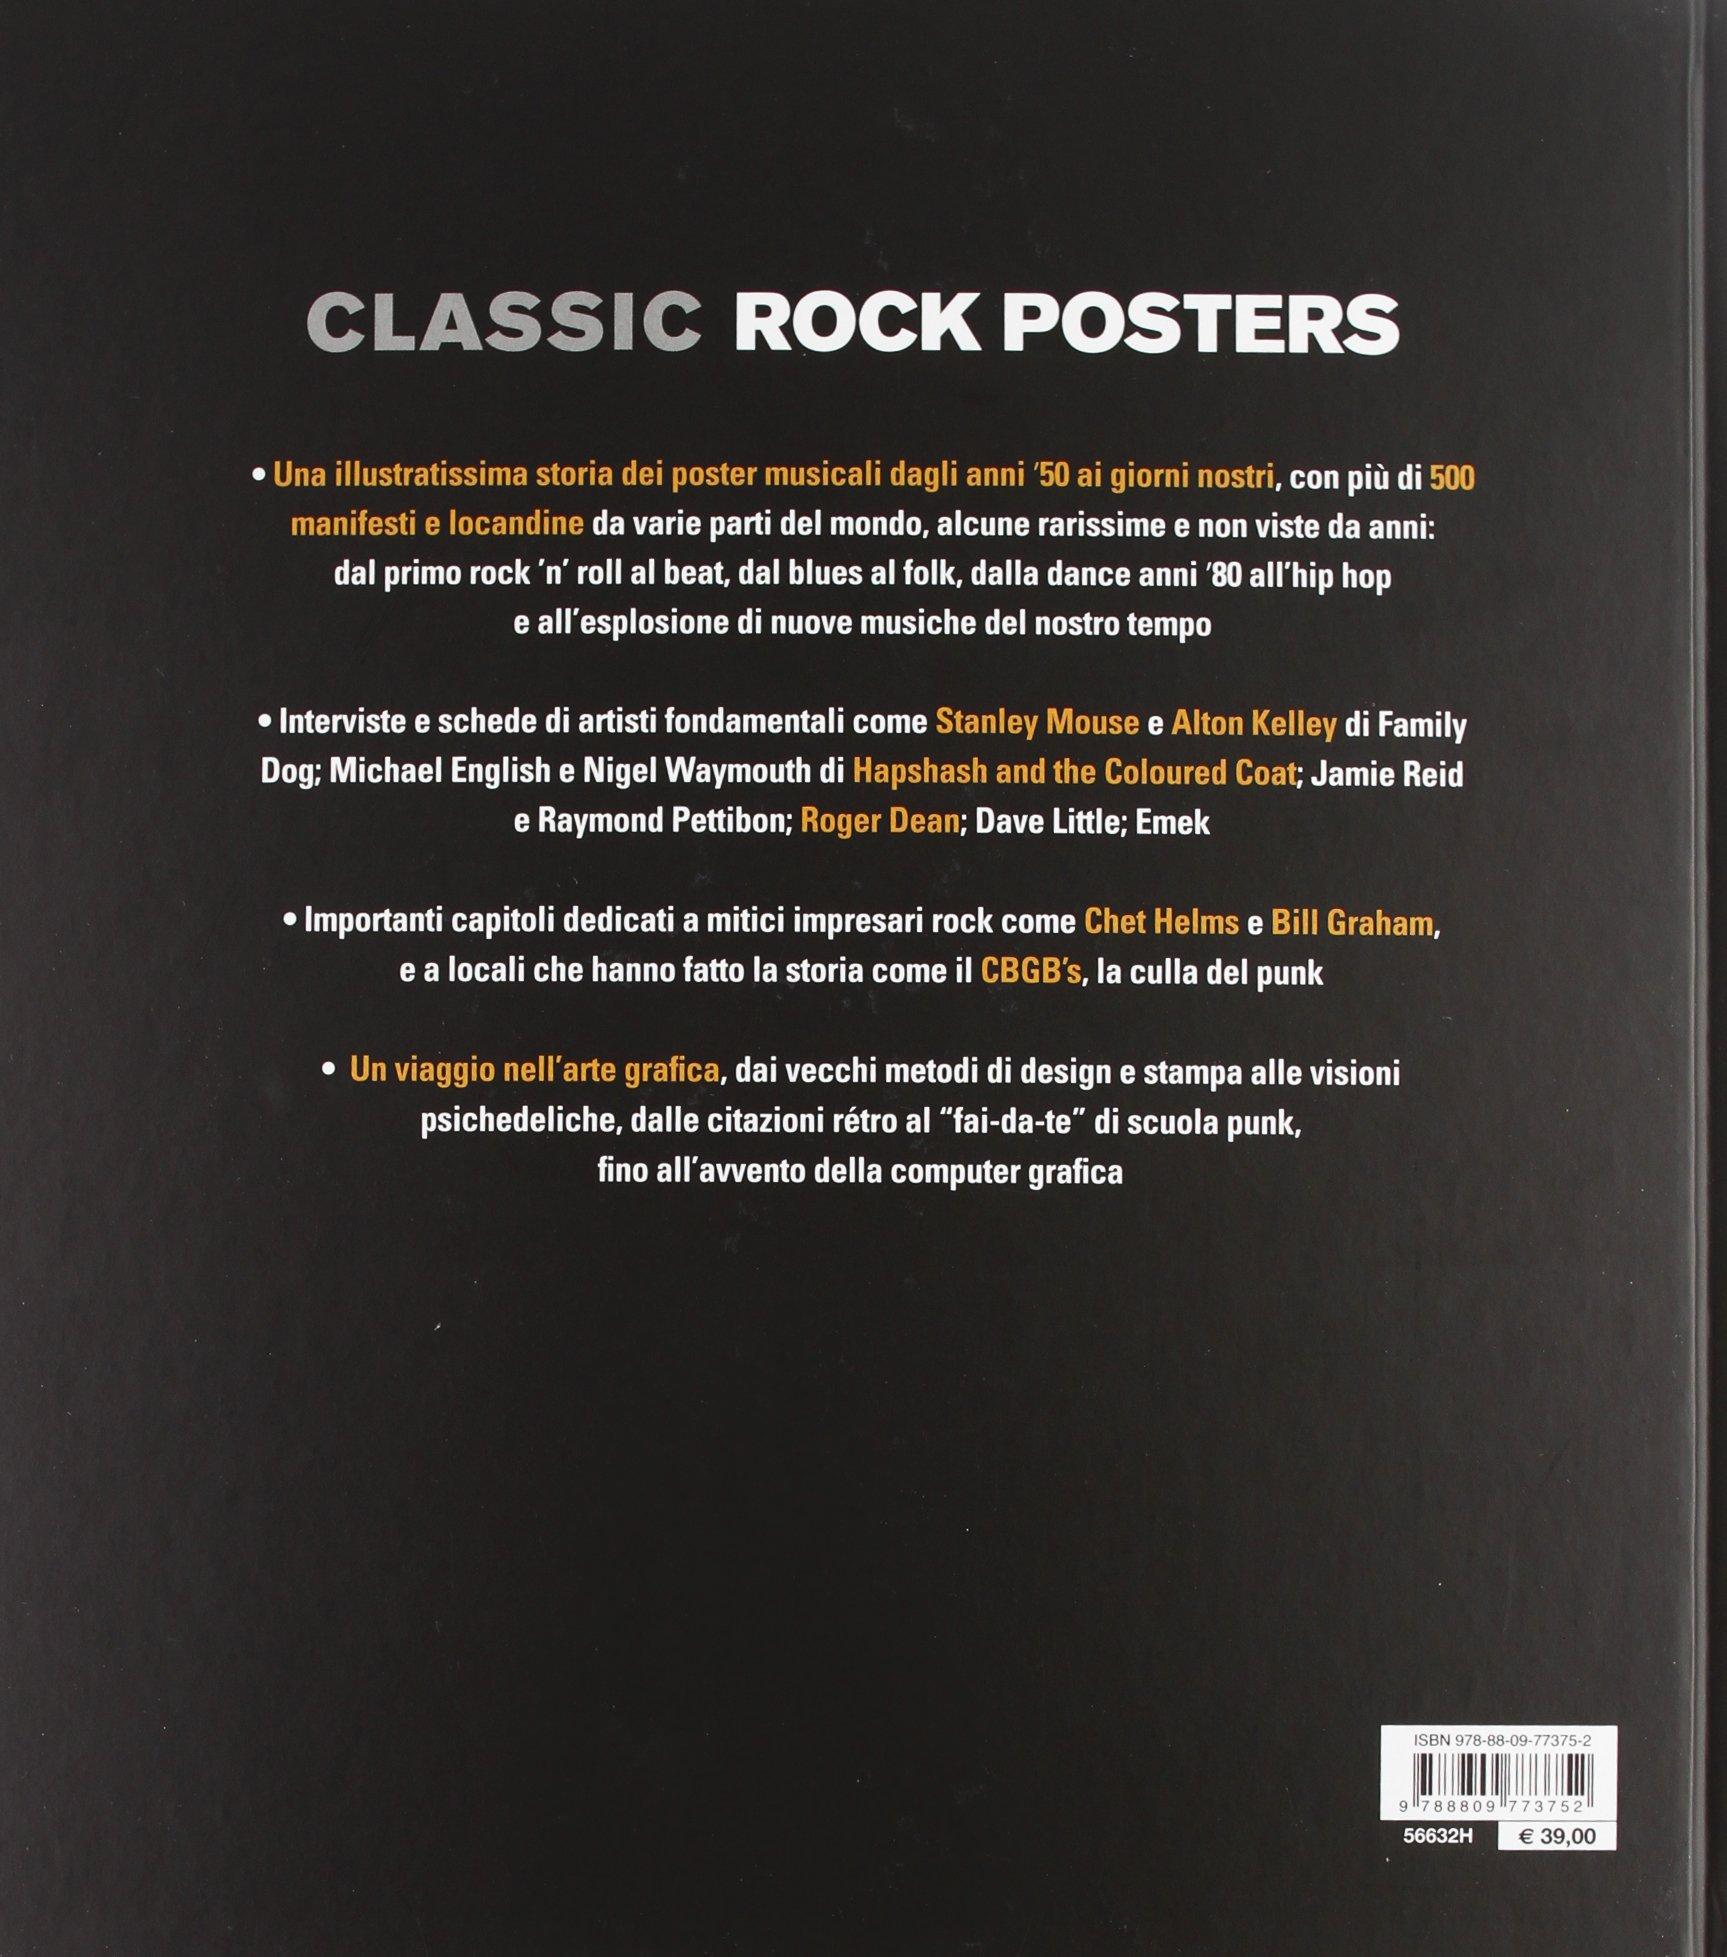 Classic Rock Posters 60 Anni Di Manifesti Locandine E Arte